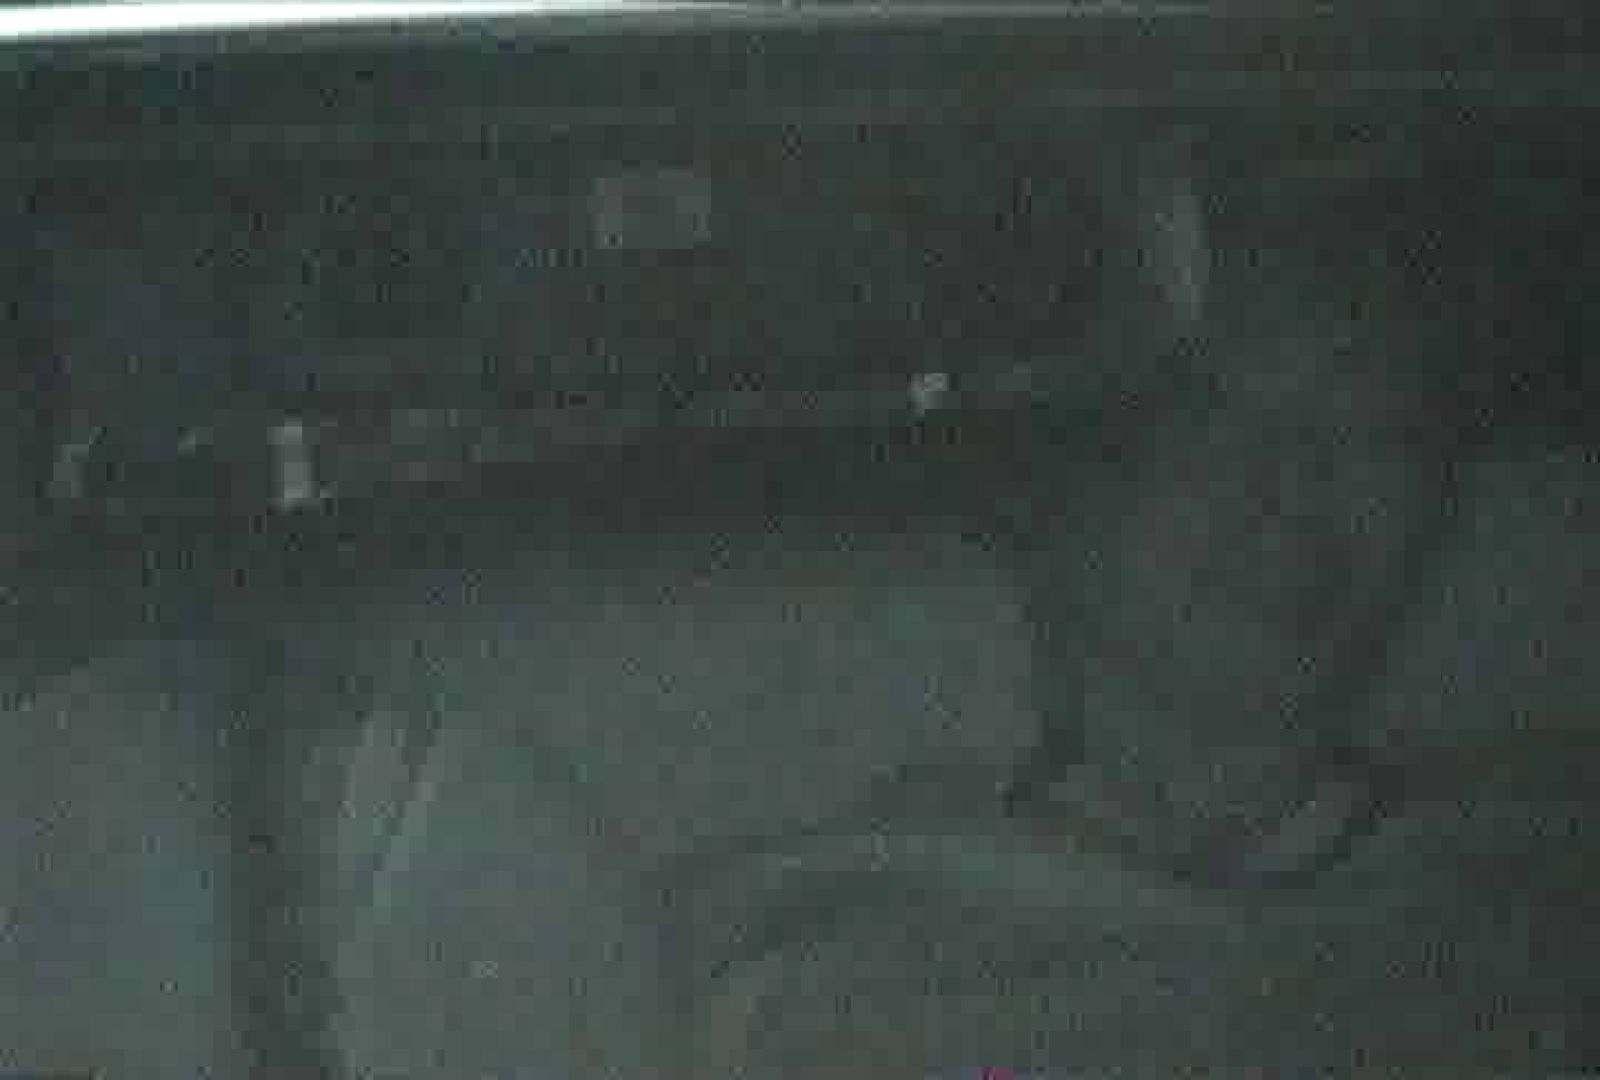 充血監督の深夜の運動会Vol.87 マンコ・ムレムレ | 美しいOLの裸体  83pic 23